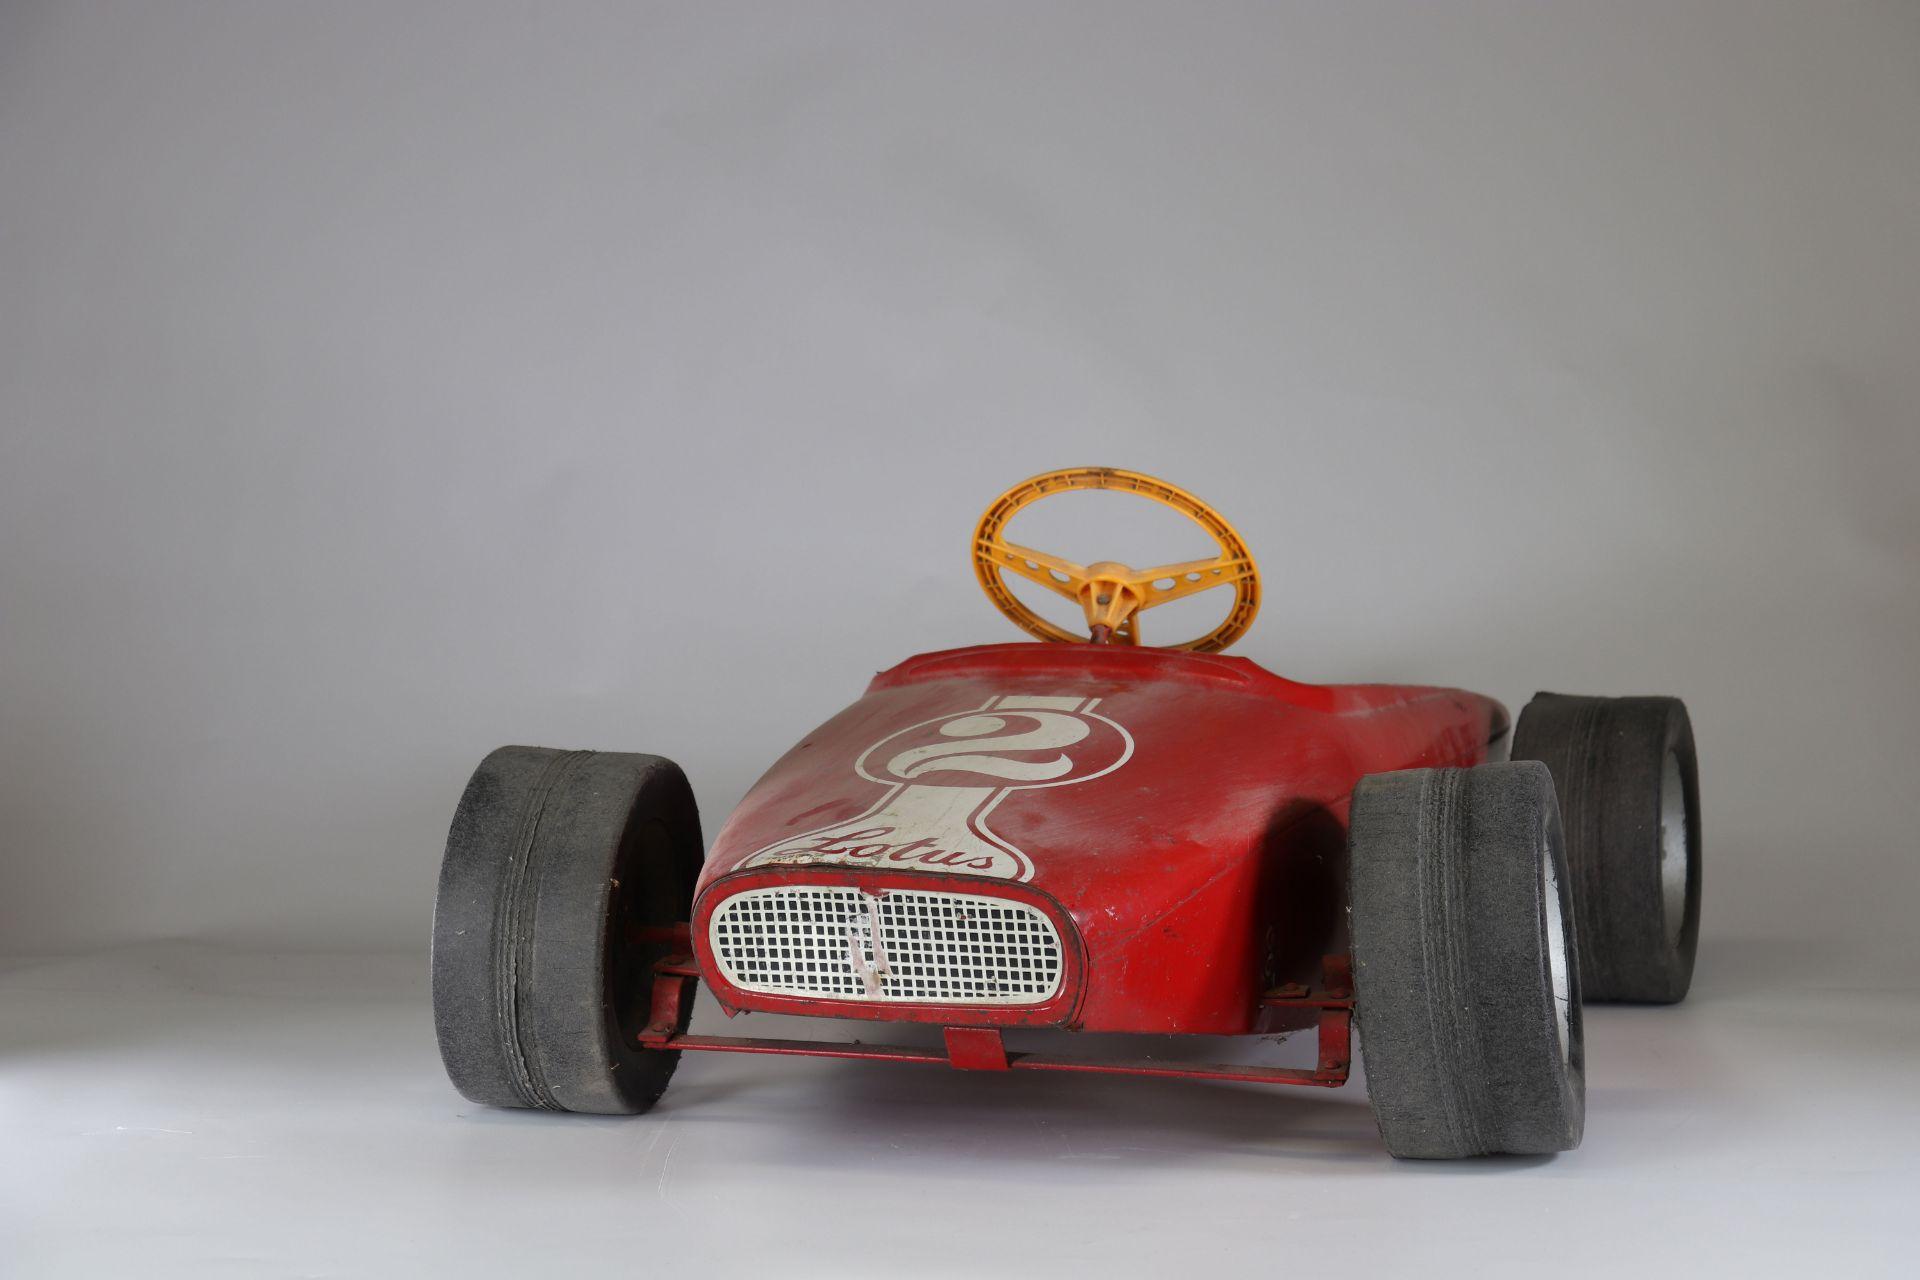 Old Lotus pedal car